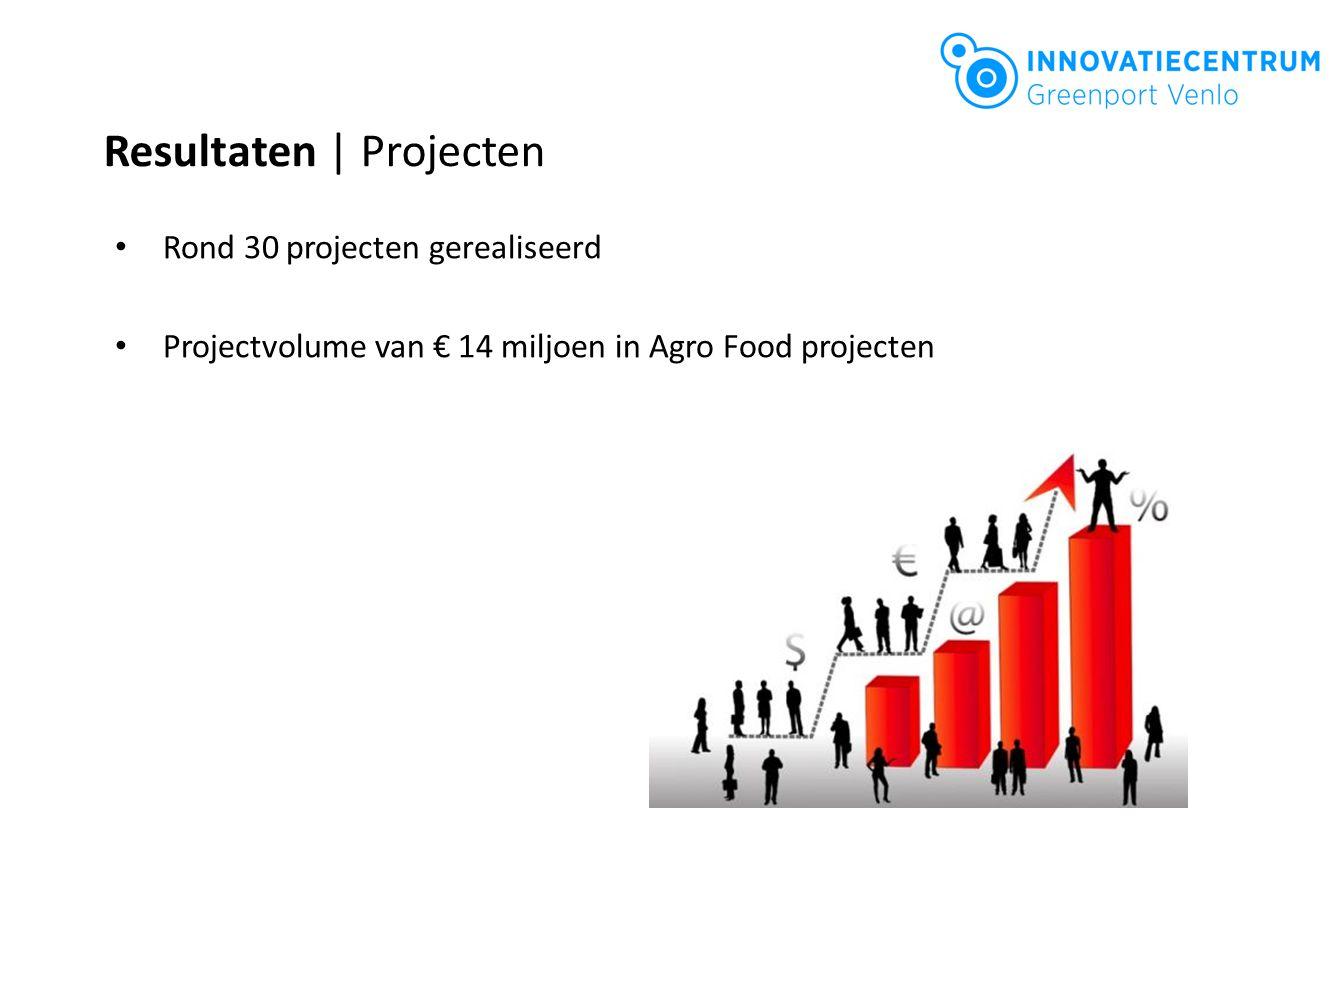 Rond 30 projecten gerealiseerd Projectvolume van € 14 miljoen in Agro Food projecten Resultaten | Projecten